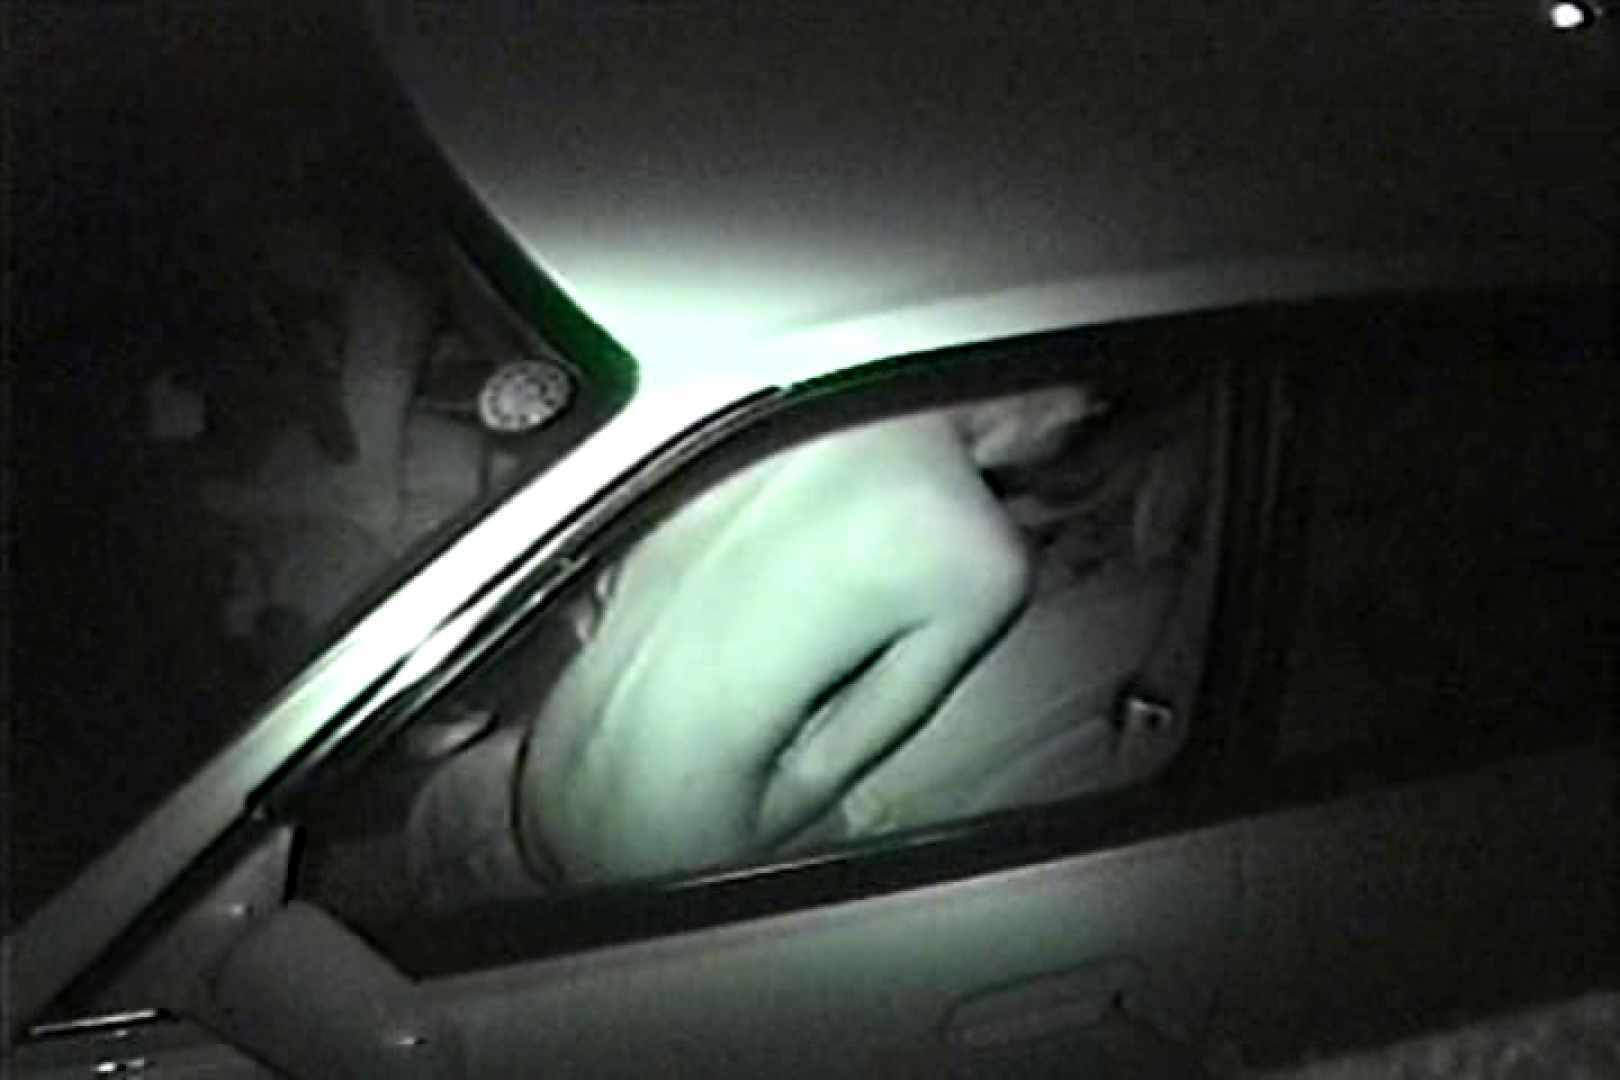 車の中はラブホテル 無修正版  Vol.7 ホテル 盗撮アダルト動画キャプチャ 81画像 22